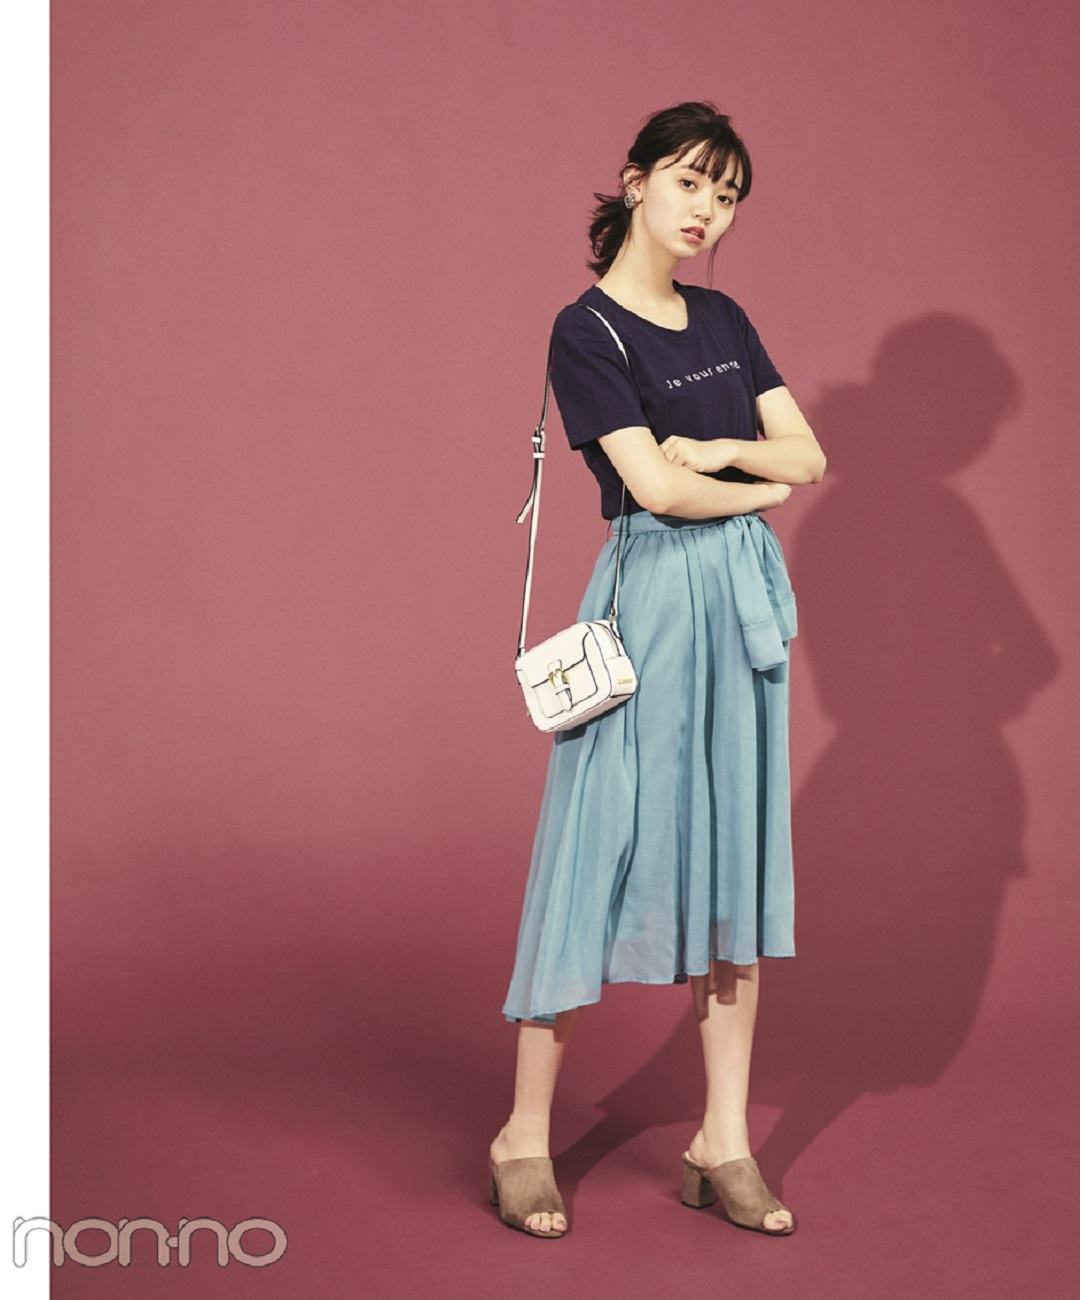 【夏のサンダルコーデ】新川優愛は、チェックワンピ×黒リュック&スニーカーでカジュアル通学コーデ